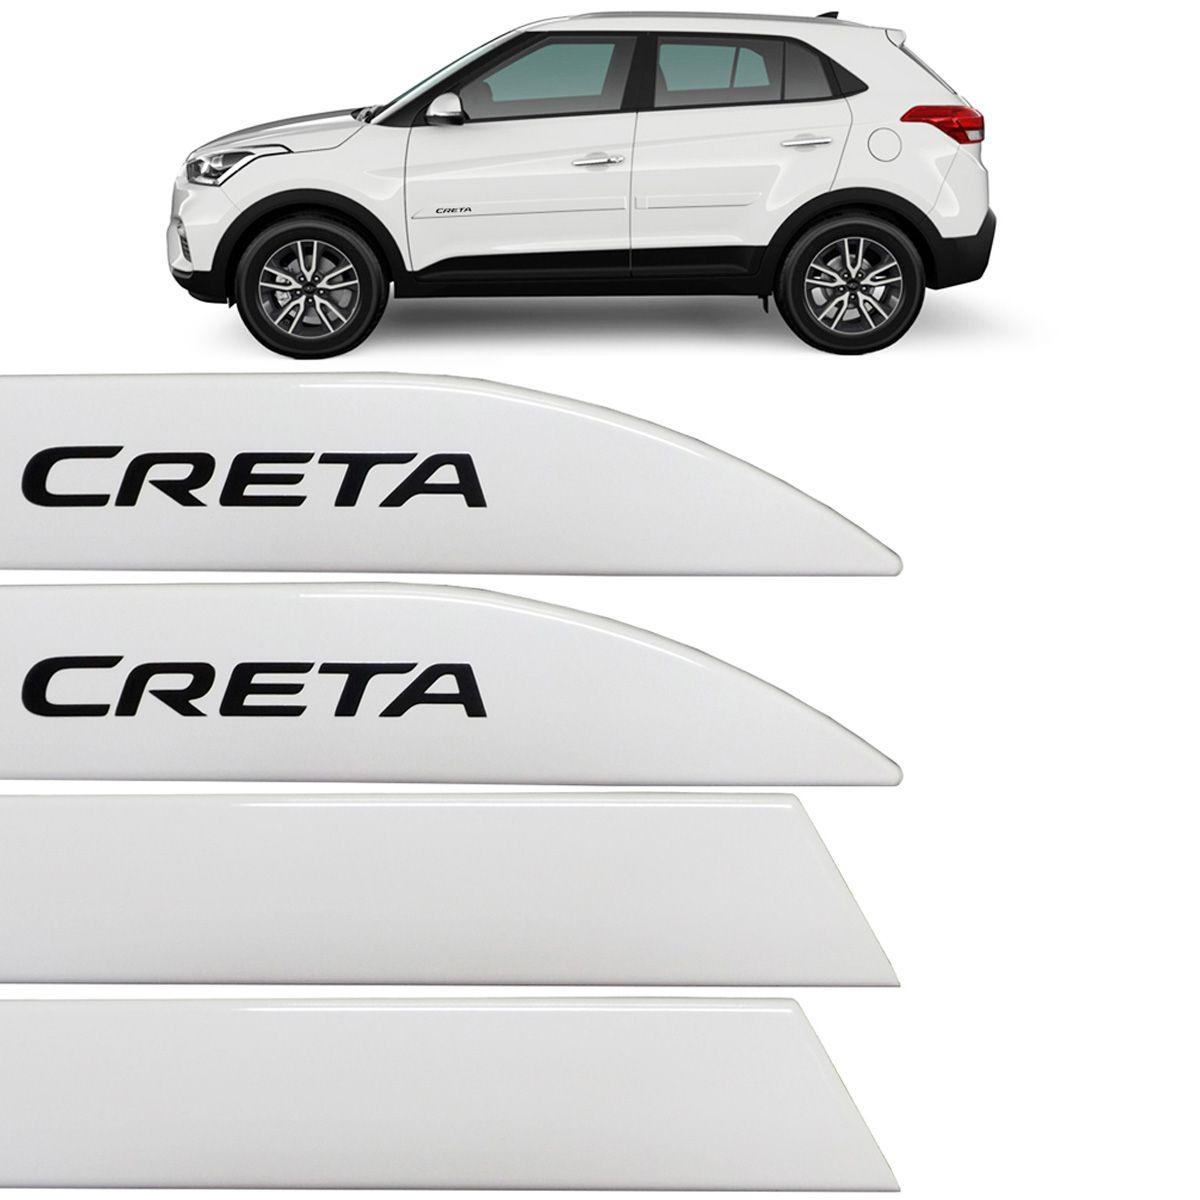 Jogo Friso Lateral Hyundai Creta 2017 Até 2018 Branco Polar